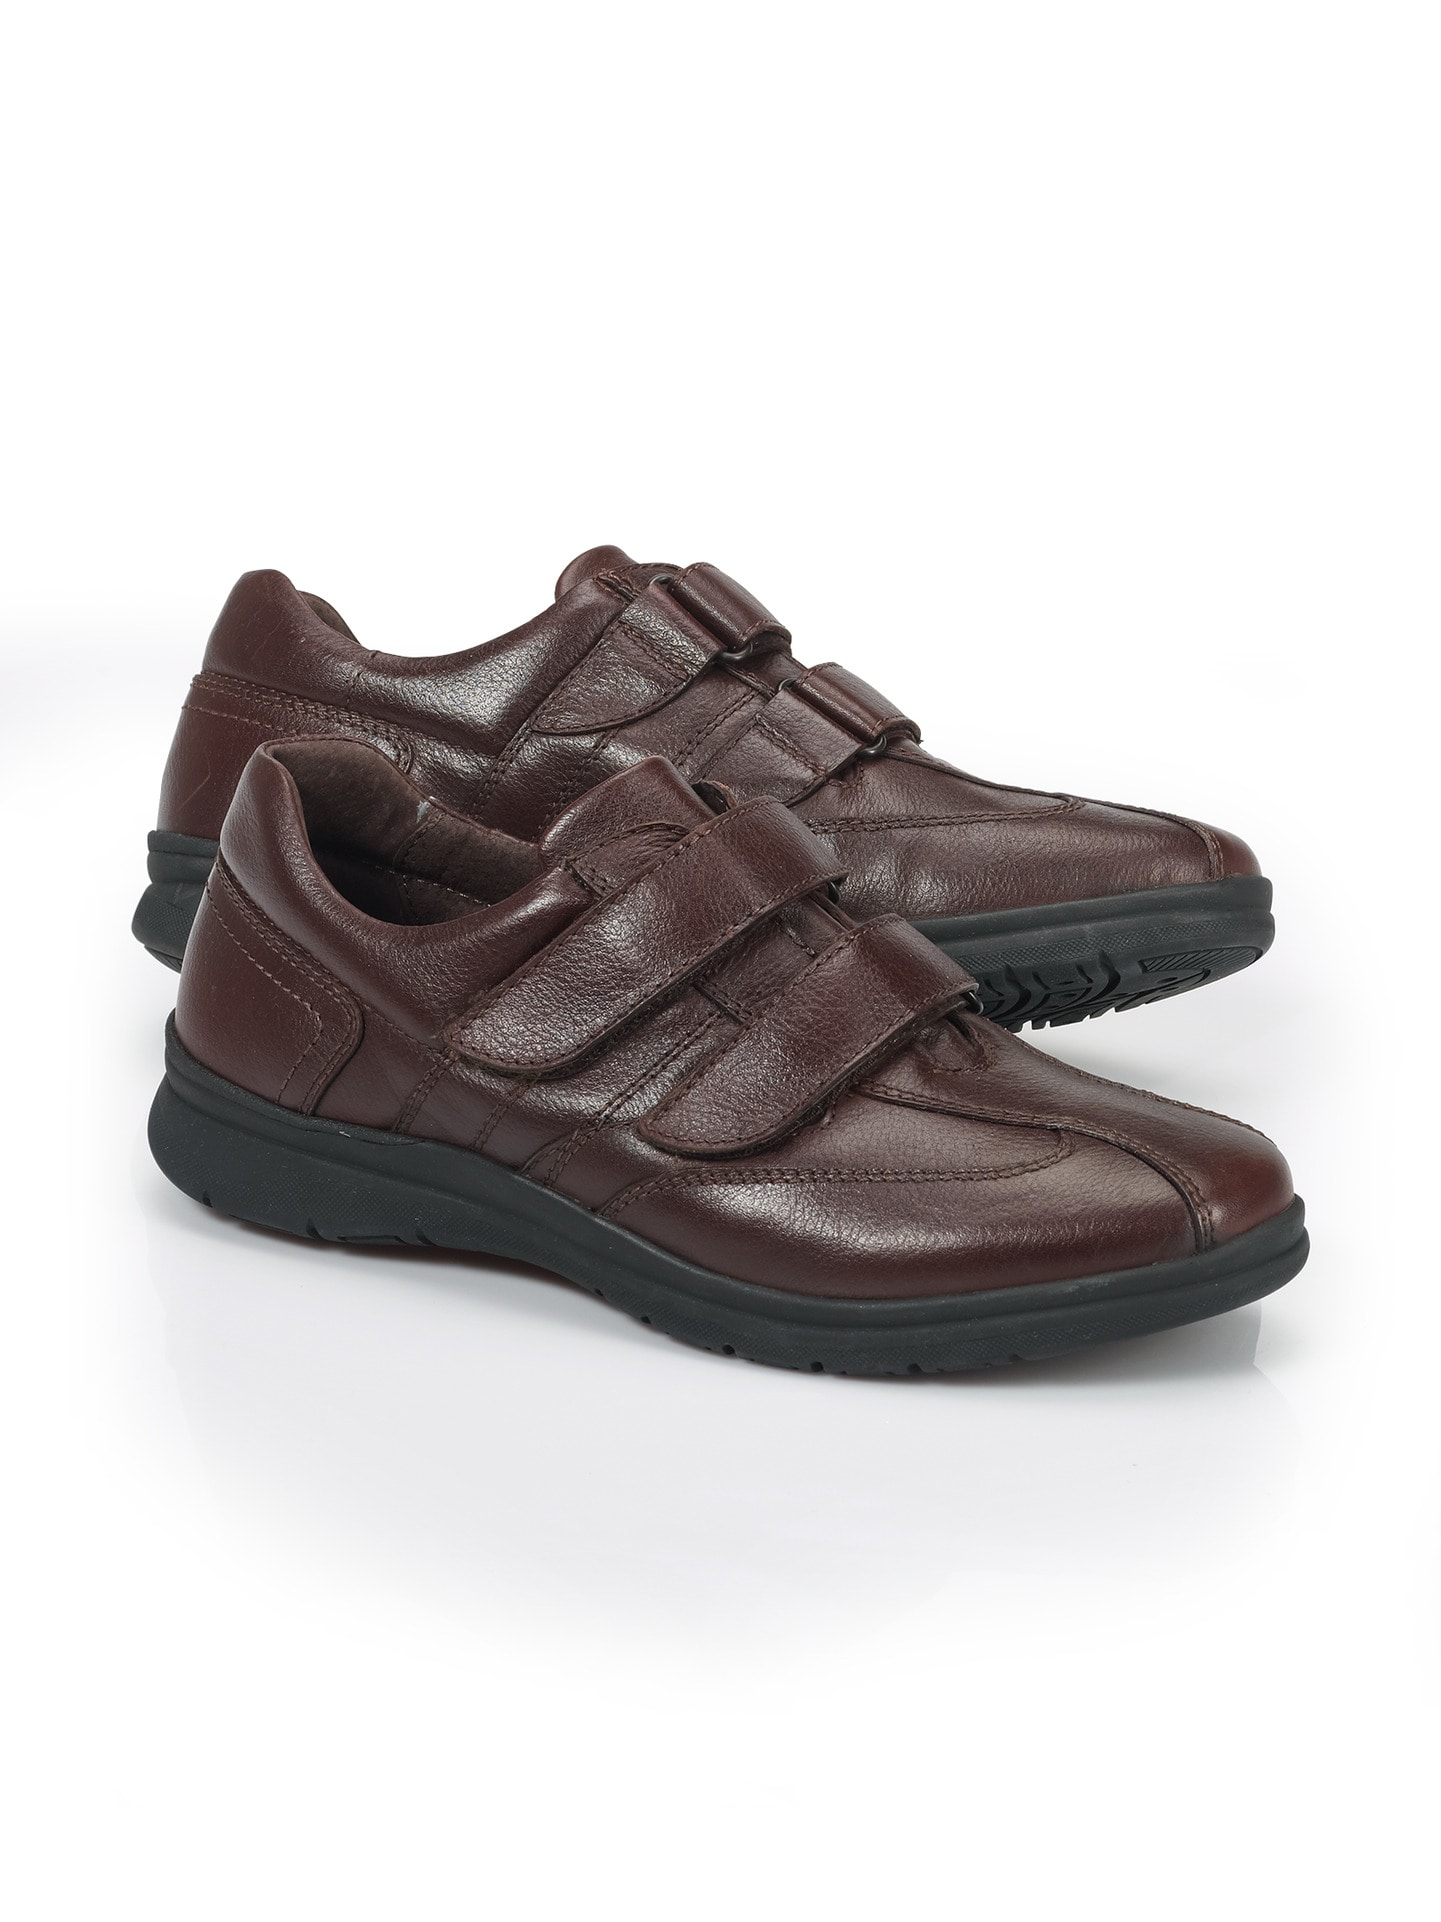 Walbusch Herren Doppel Klett-Schuh Braun Größe 46